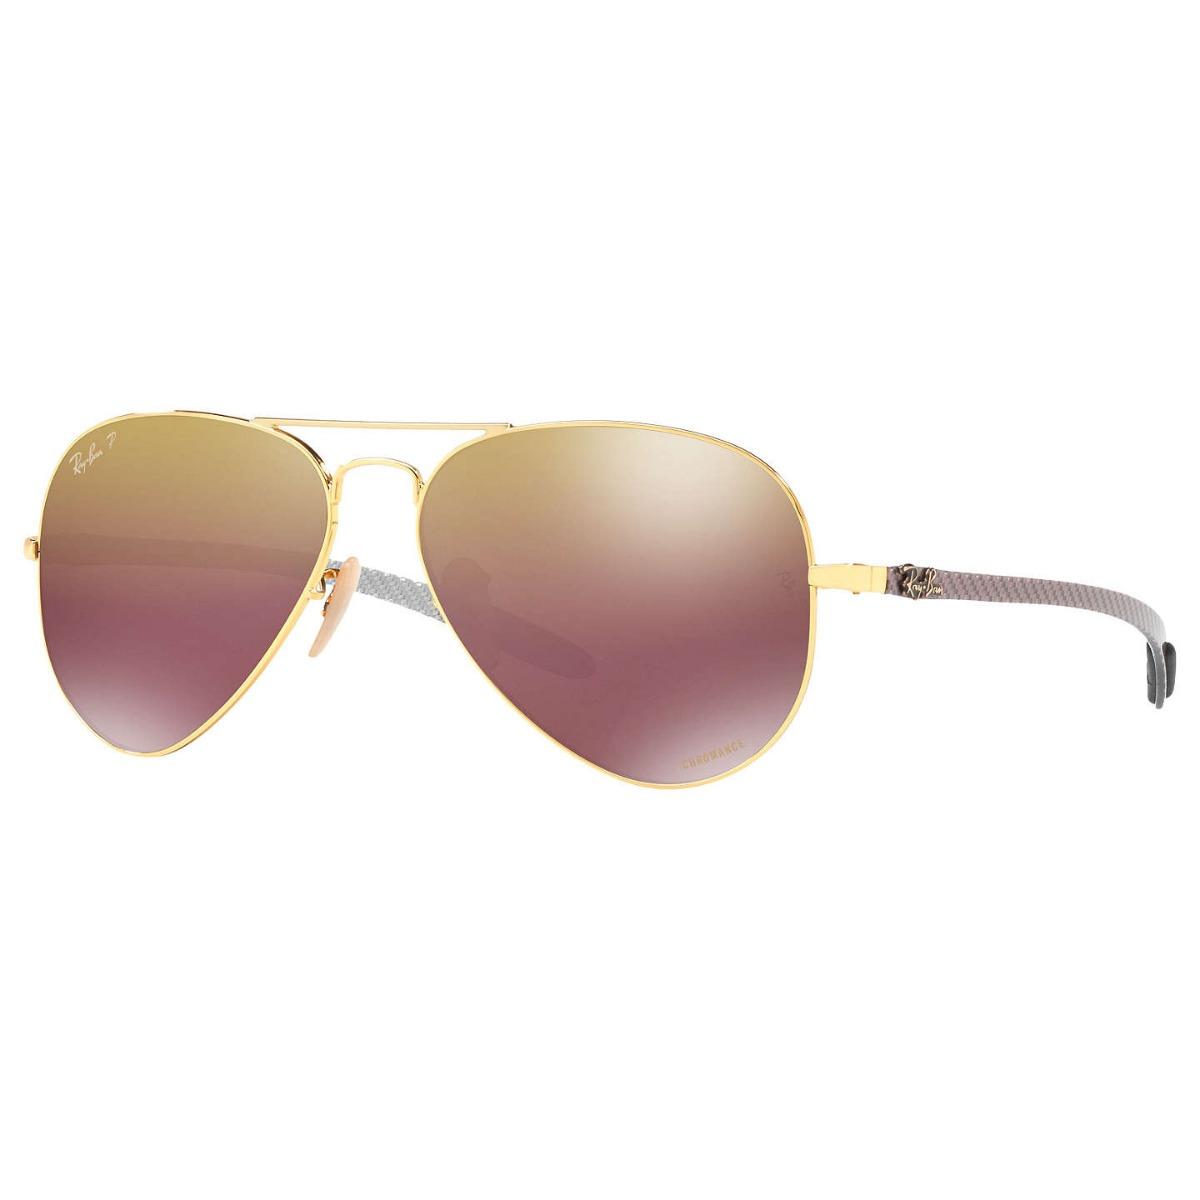 bbd92af4a Ray Ban Óculos Aviado Espelho Aviator Polarizado - R$ 2.076,00 em ...